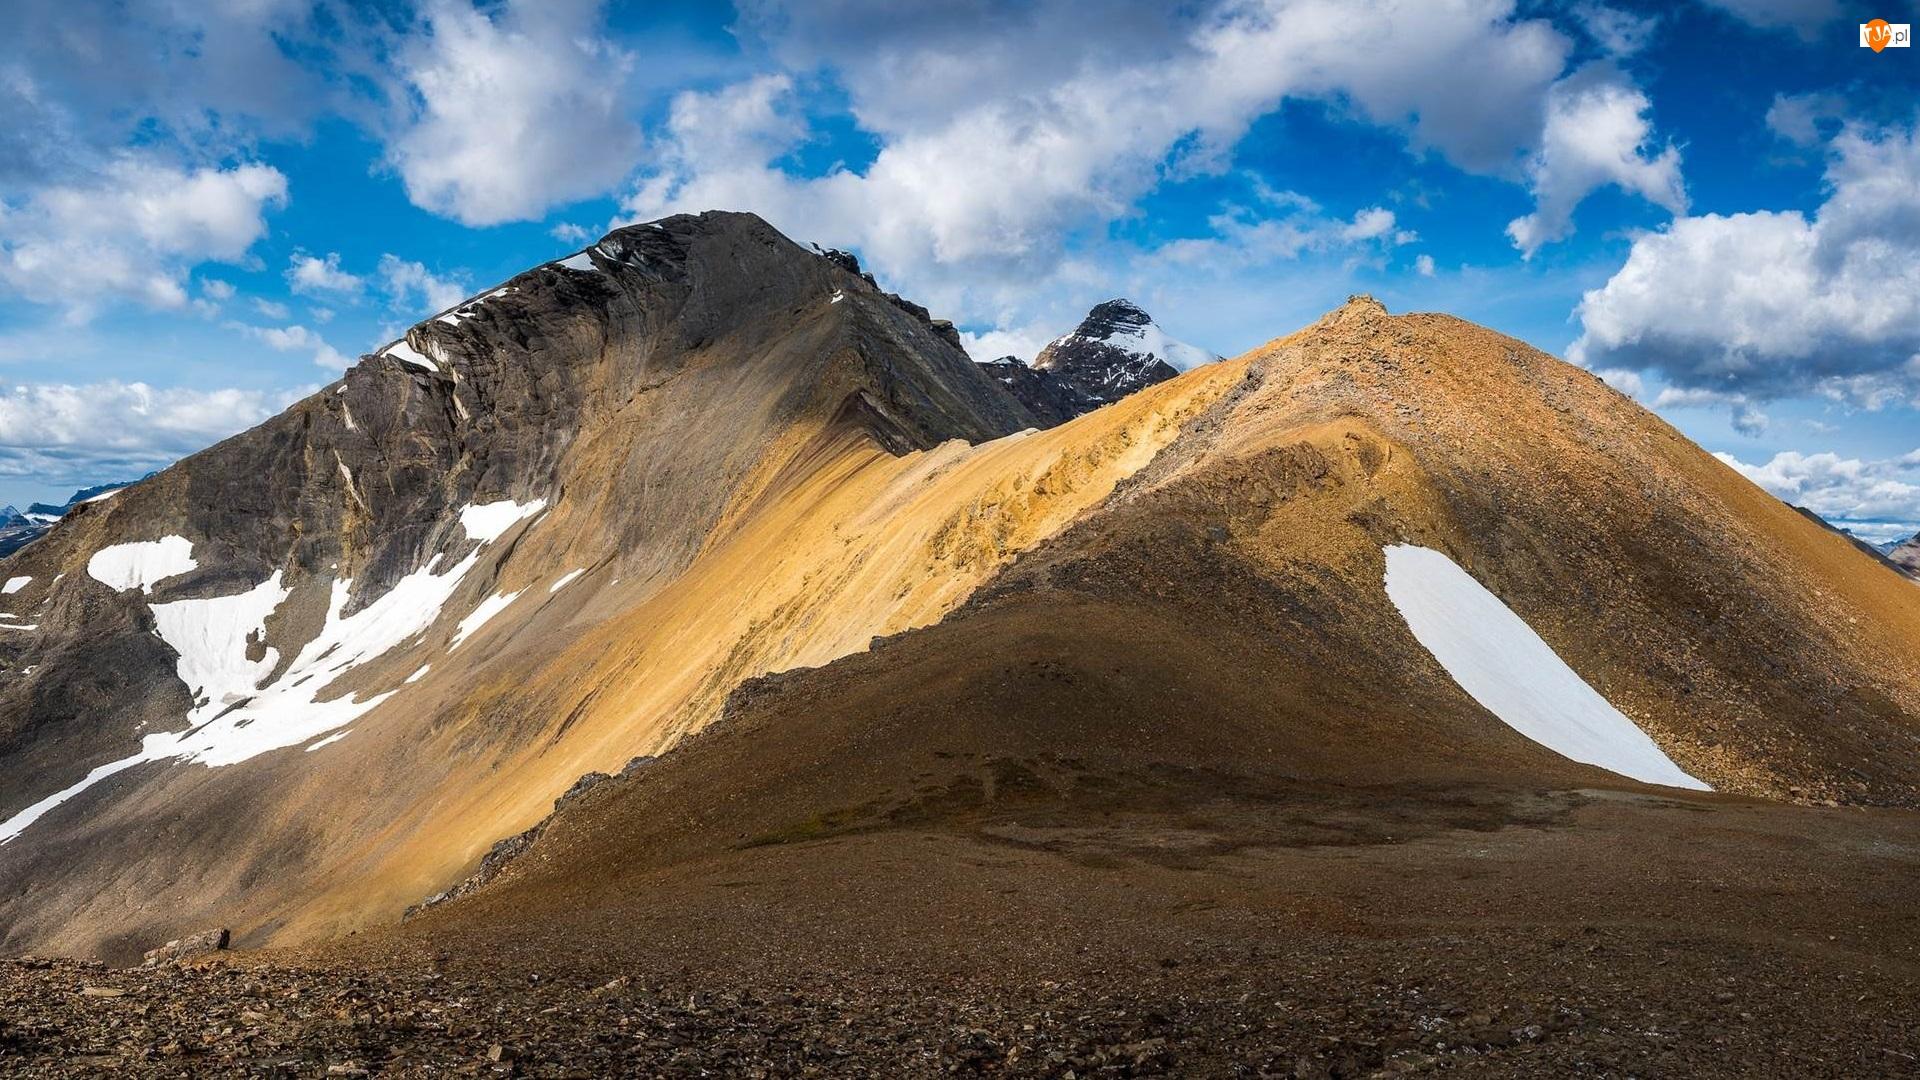 Śnieg, Skaliste, Góry, Szczyty